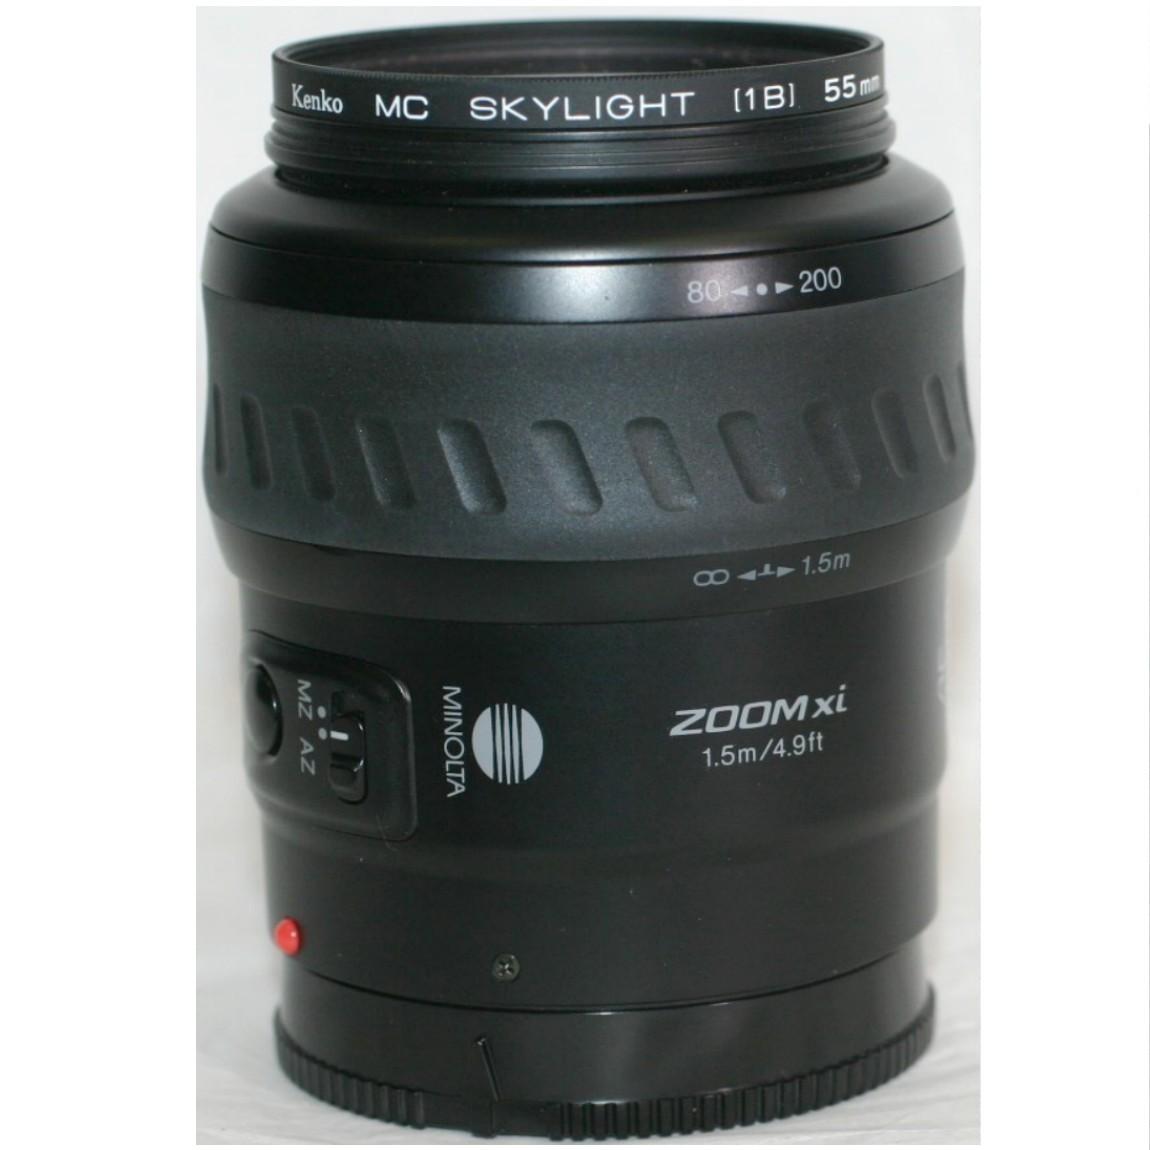 【中古】新品同様ミノルタのソニーの1眼レフデジタルカメラにも使用可能なAFパワーズームレンズ80-200mmF4,5-5,6